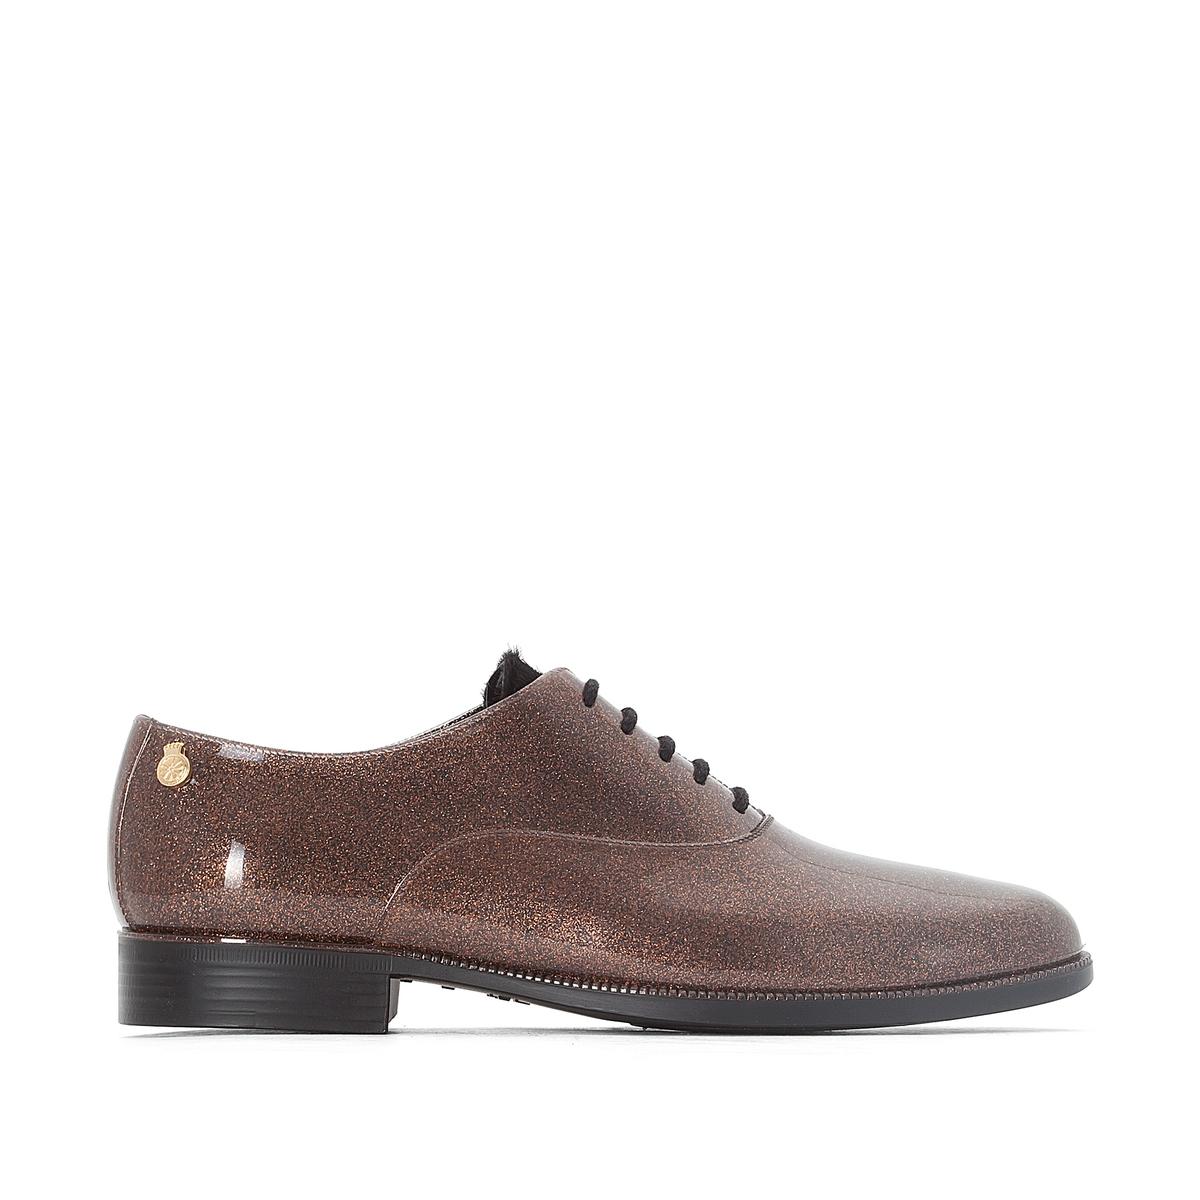 Ботинки-дерби резиновые Sparkle ботинки дерби под кожу питона